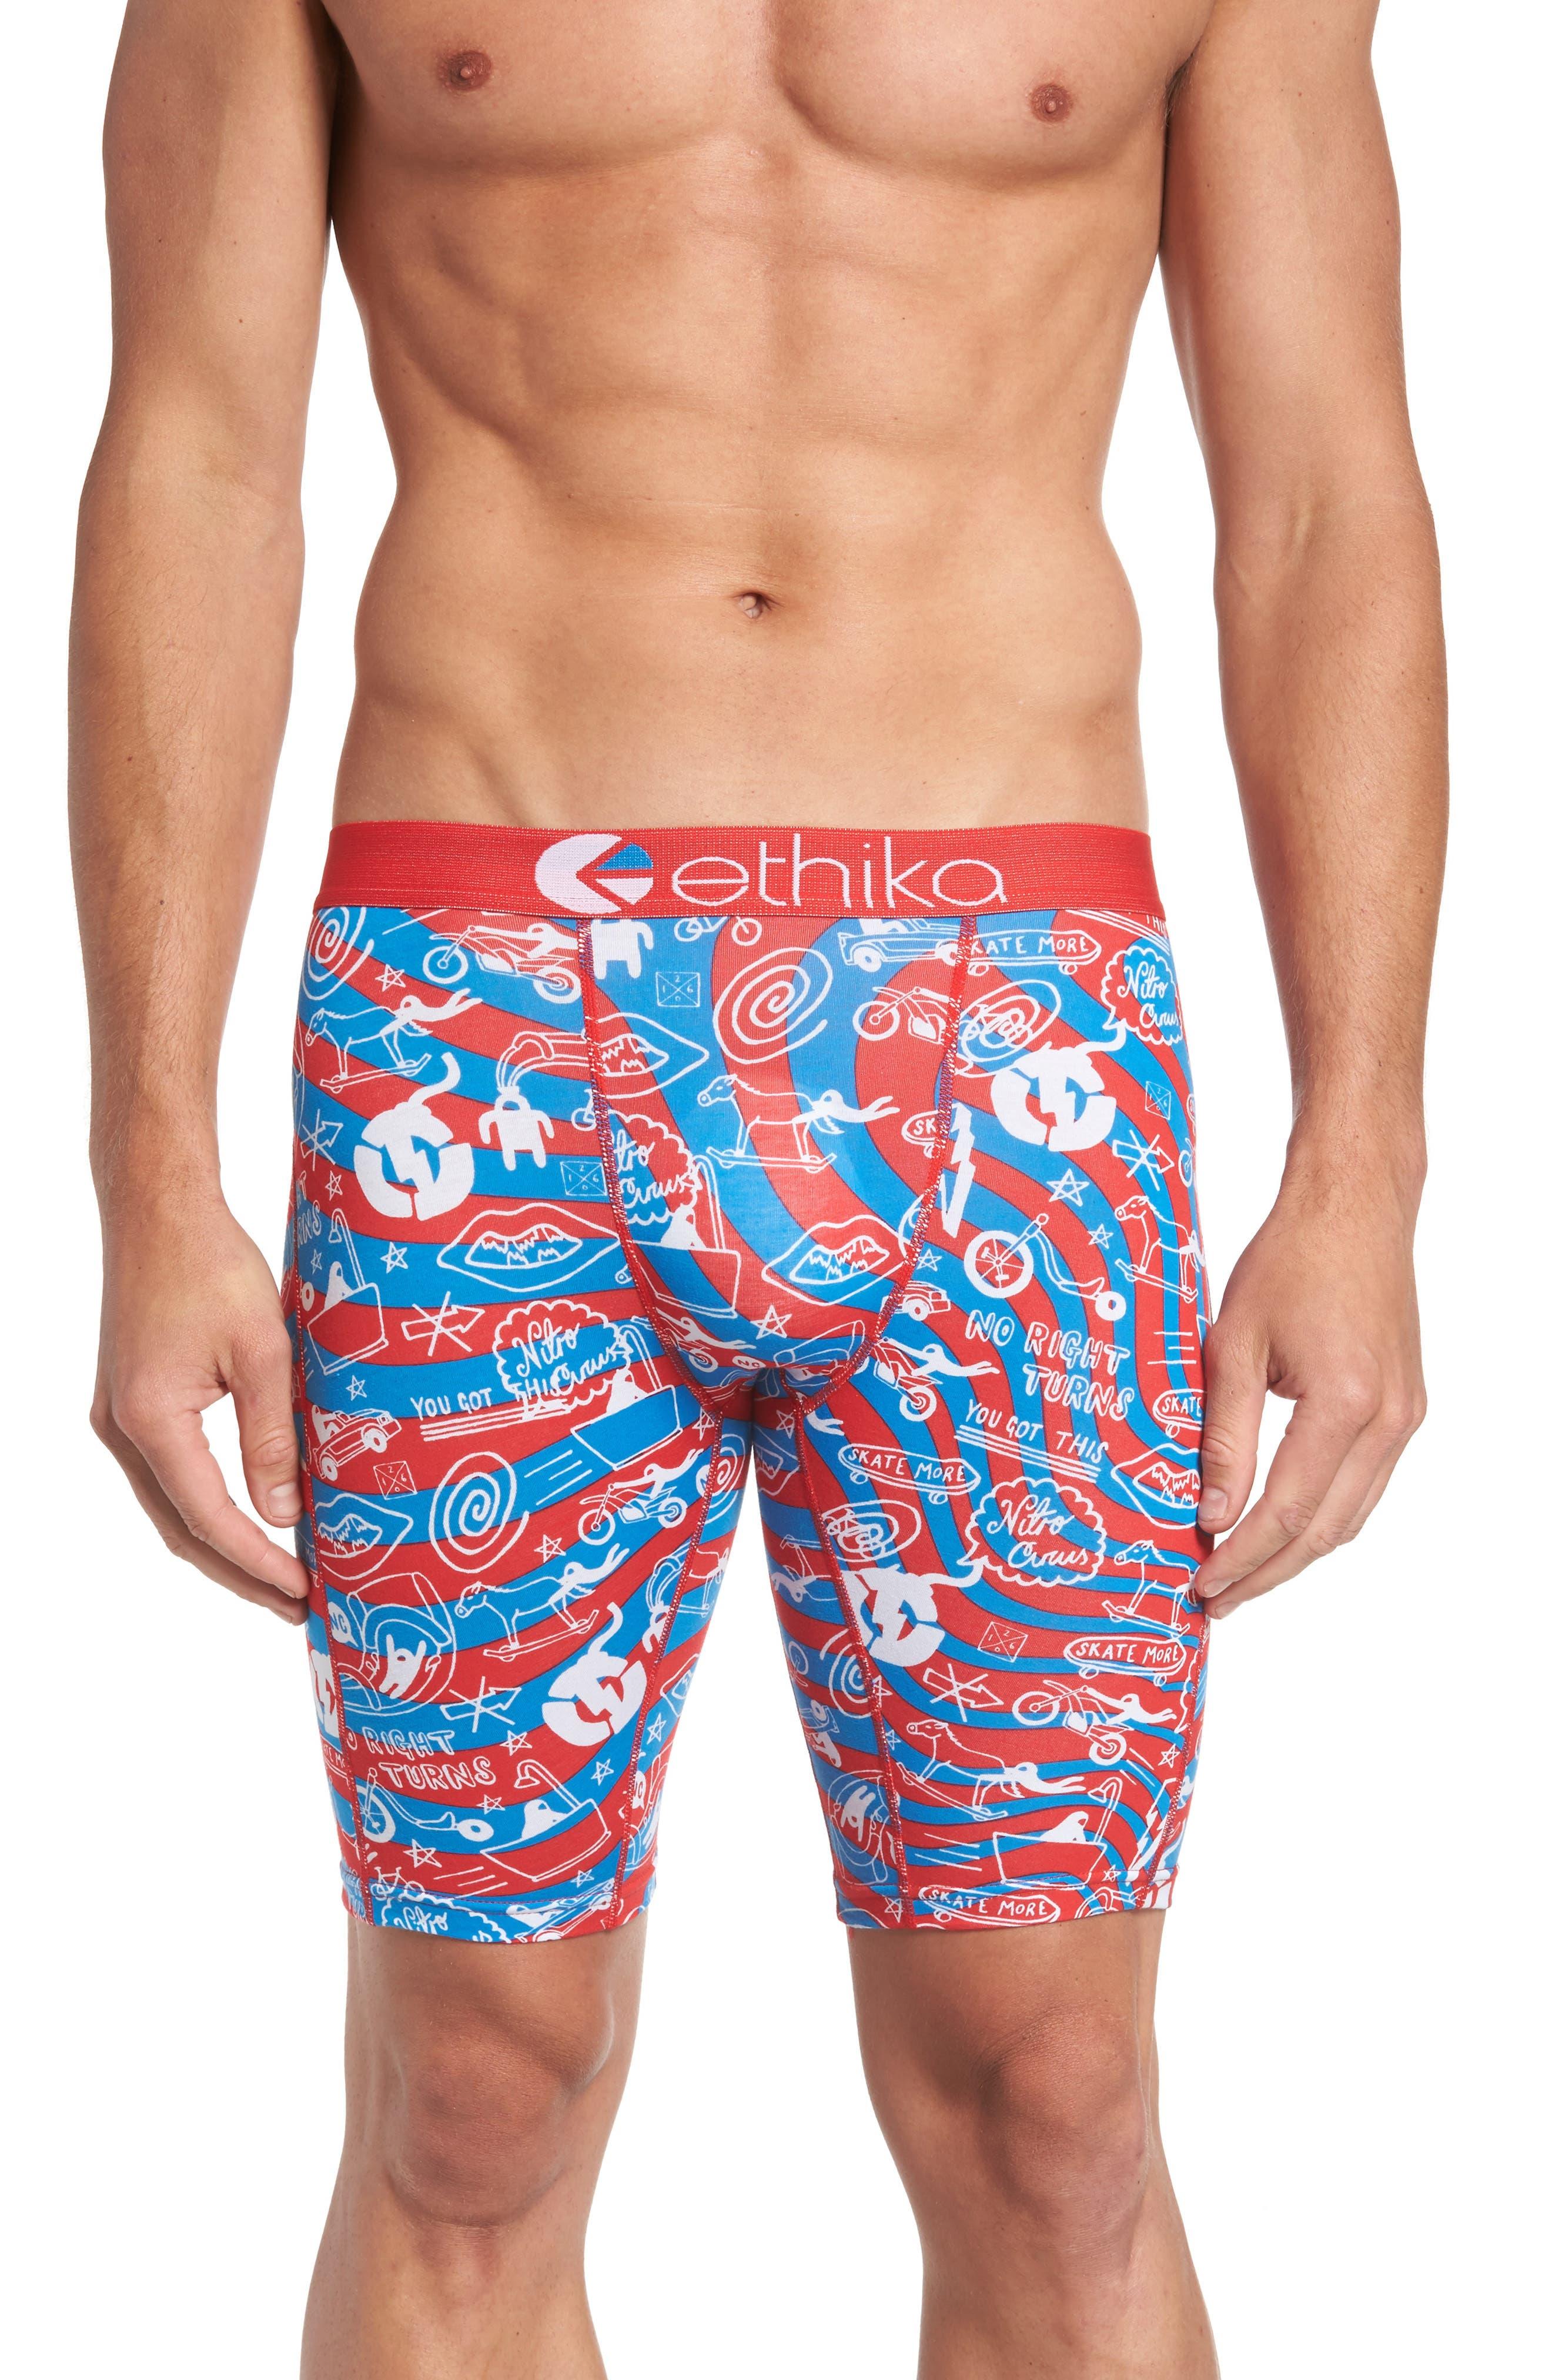 Nitro Doodle Boxer Briefs,                         Main,                         color, Red/ Blue